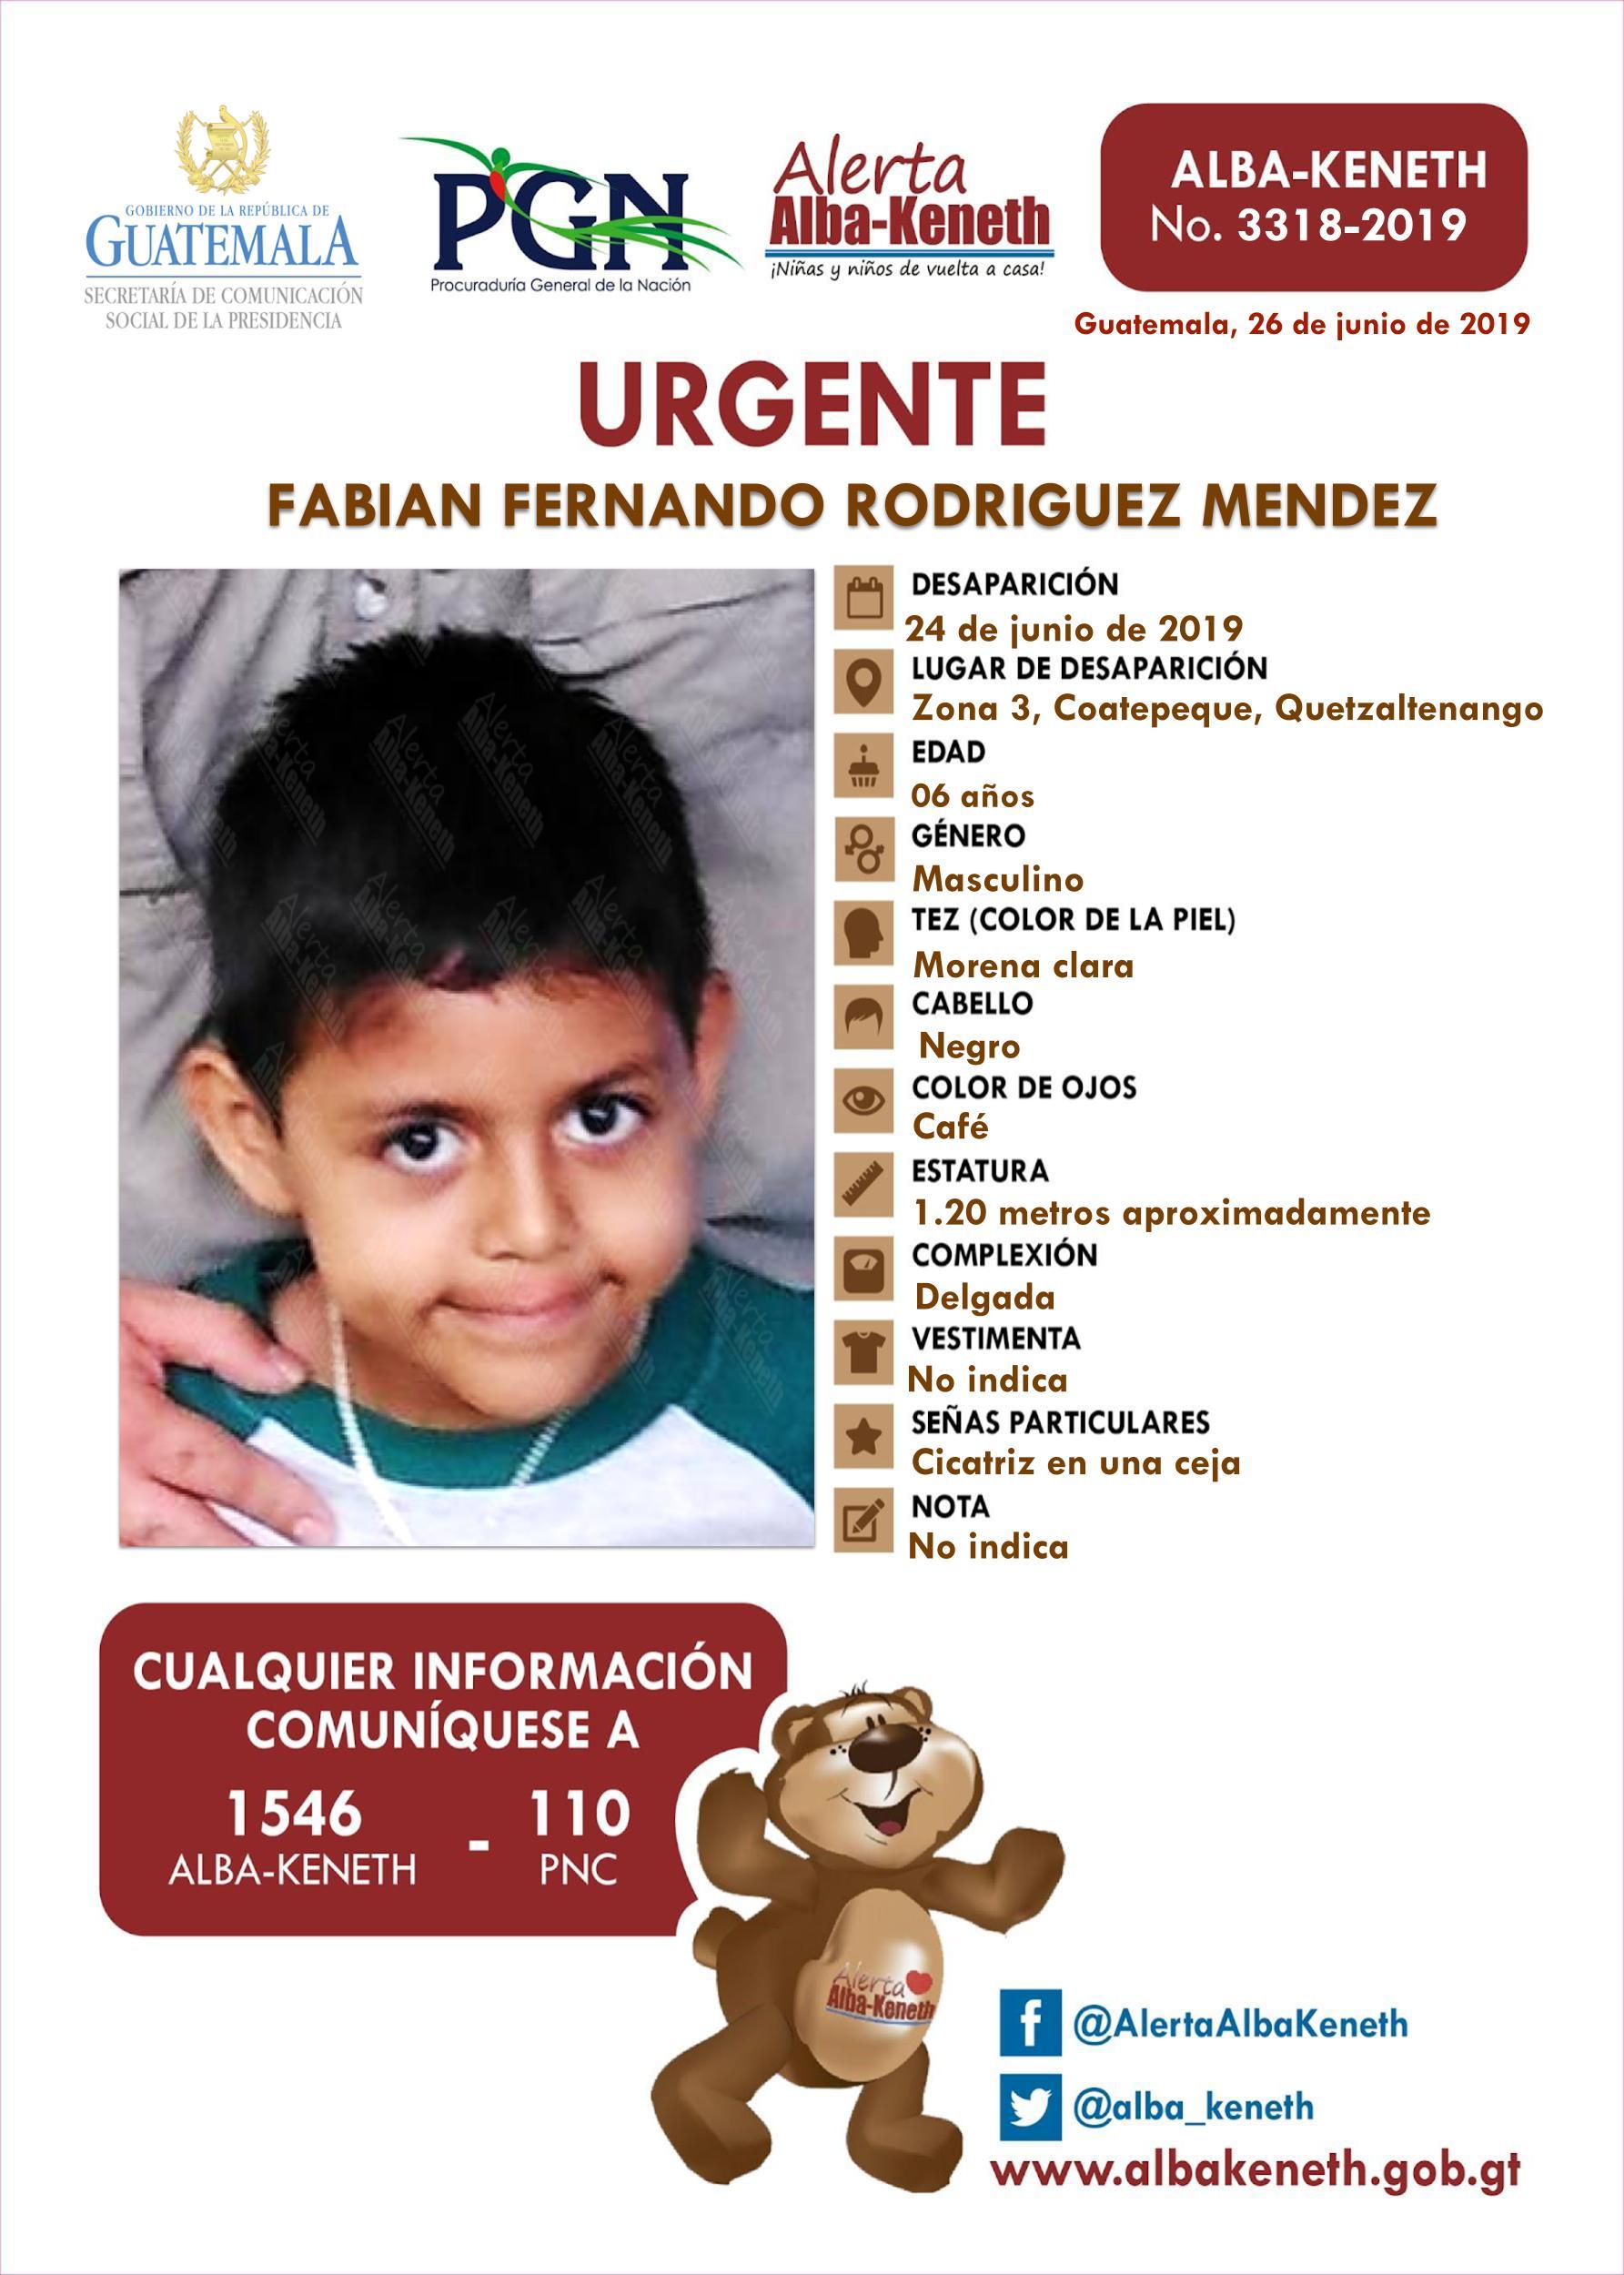 Fabian Fernando Rodriguez Mendez